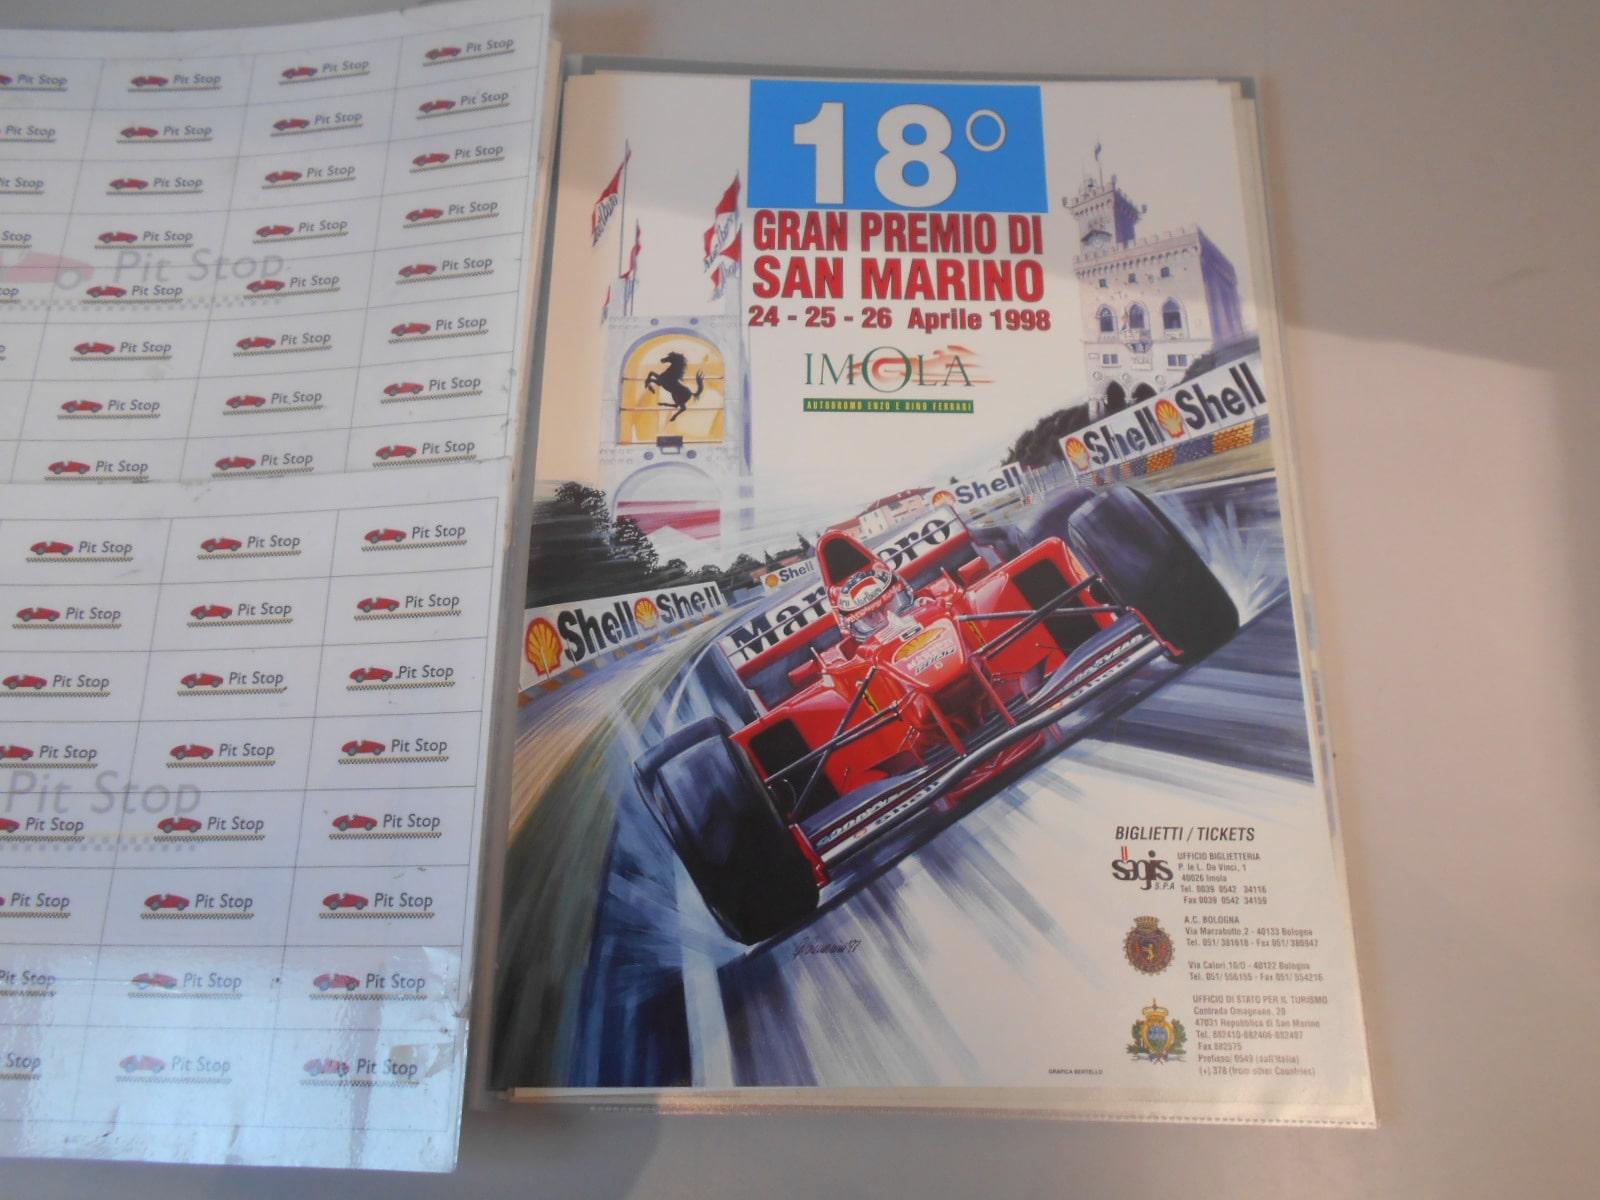 Locandina originale del Gran Premio di San Marino dell'anno 1998.